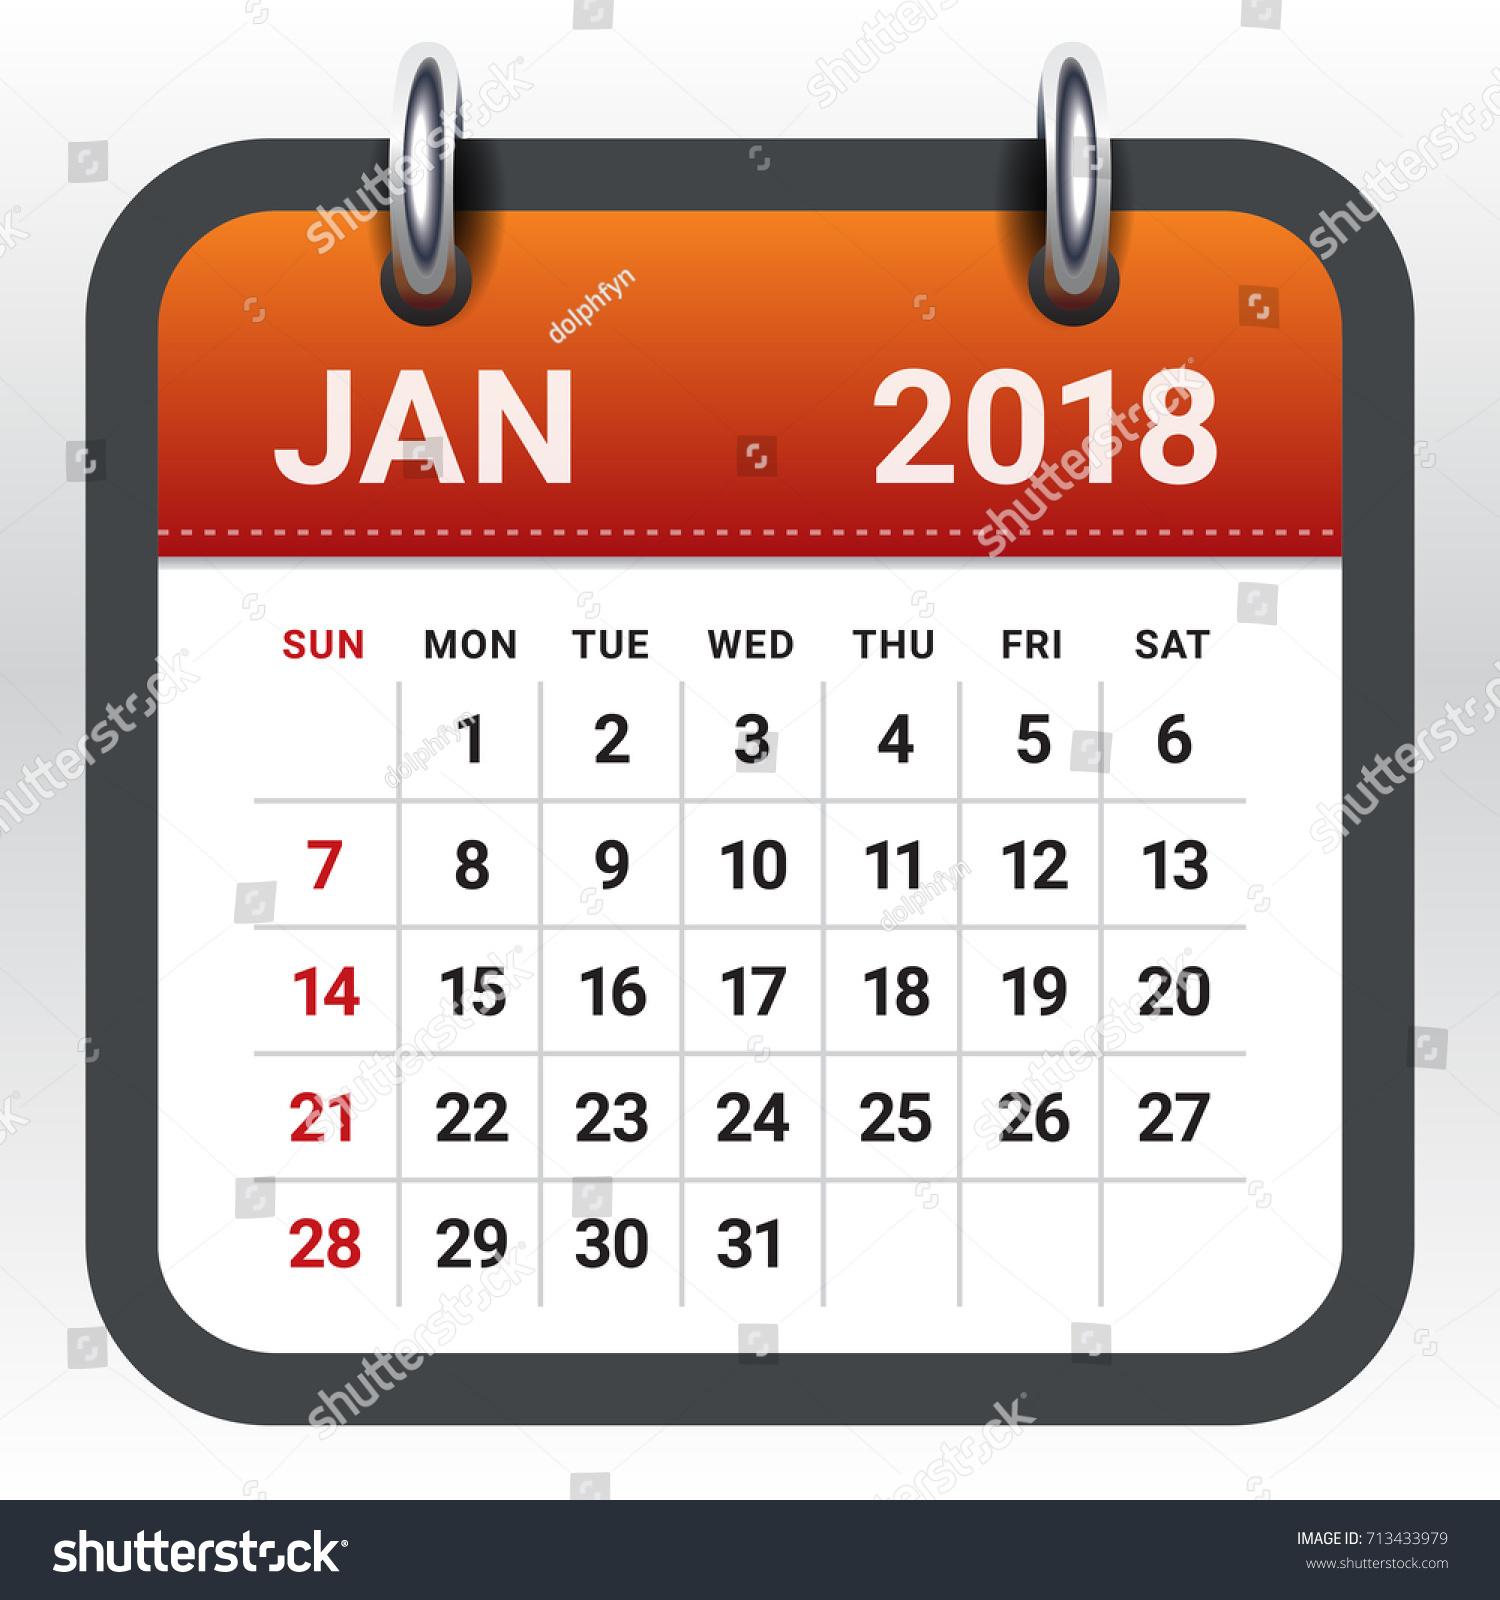 Jan Calendar Clipart.